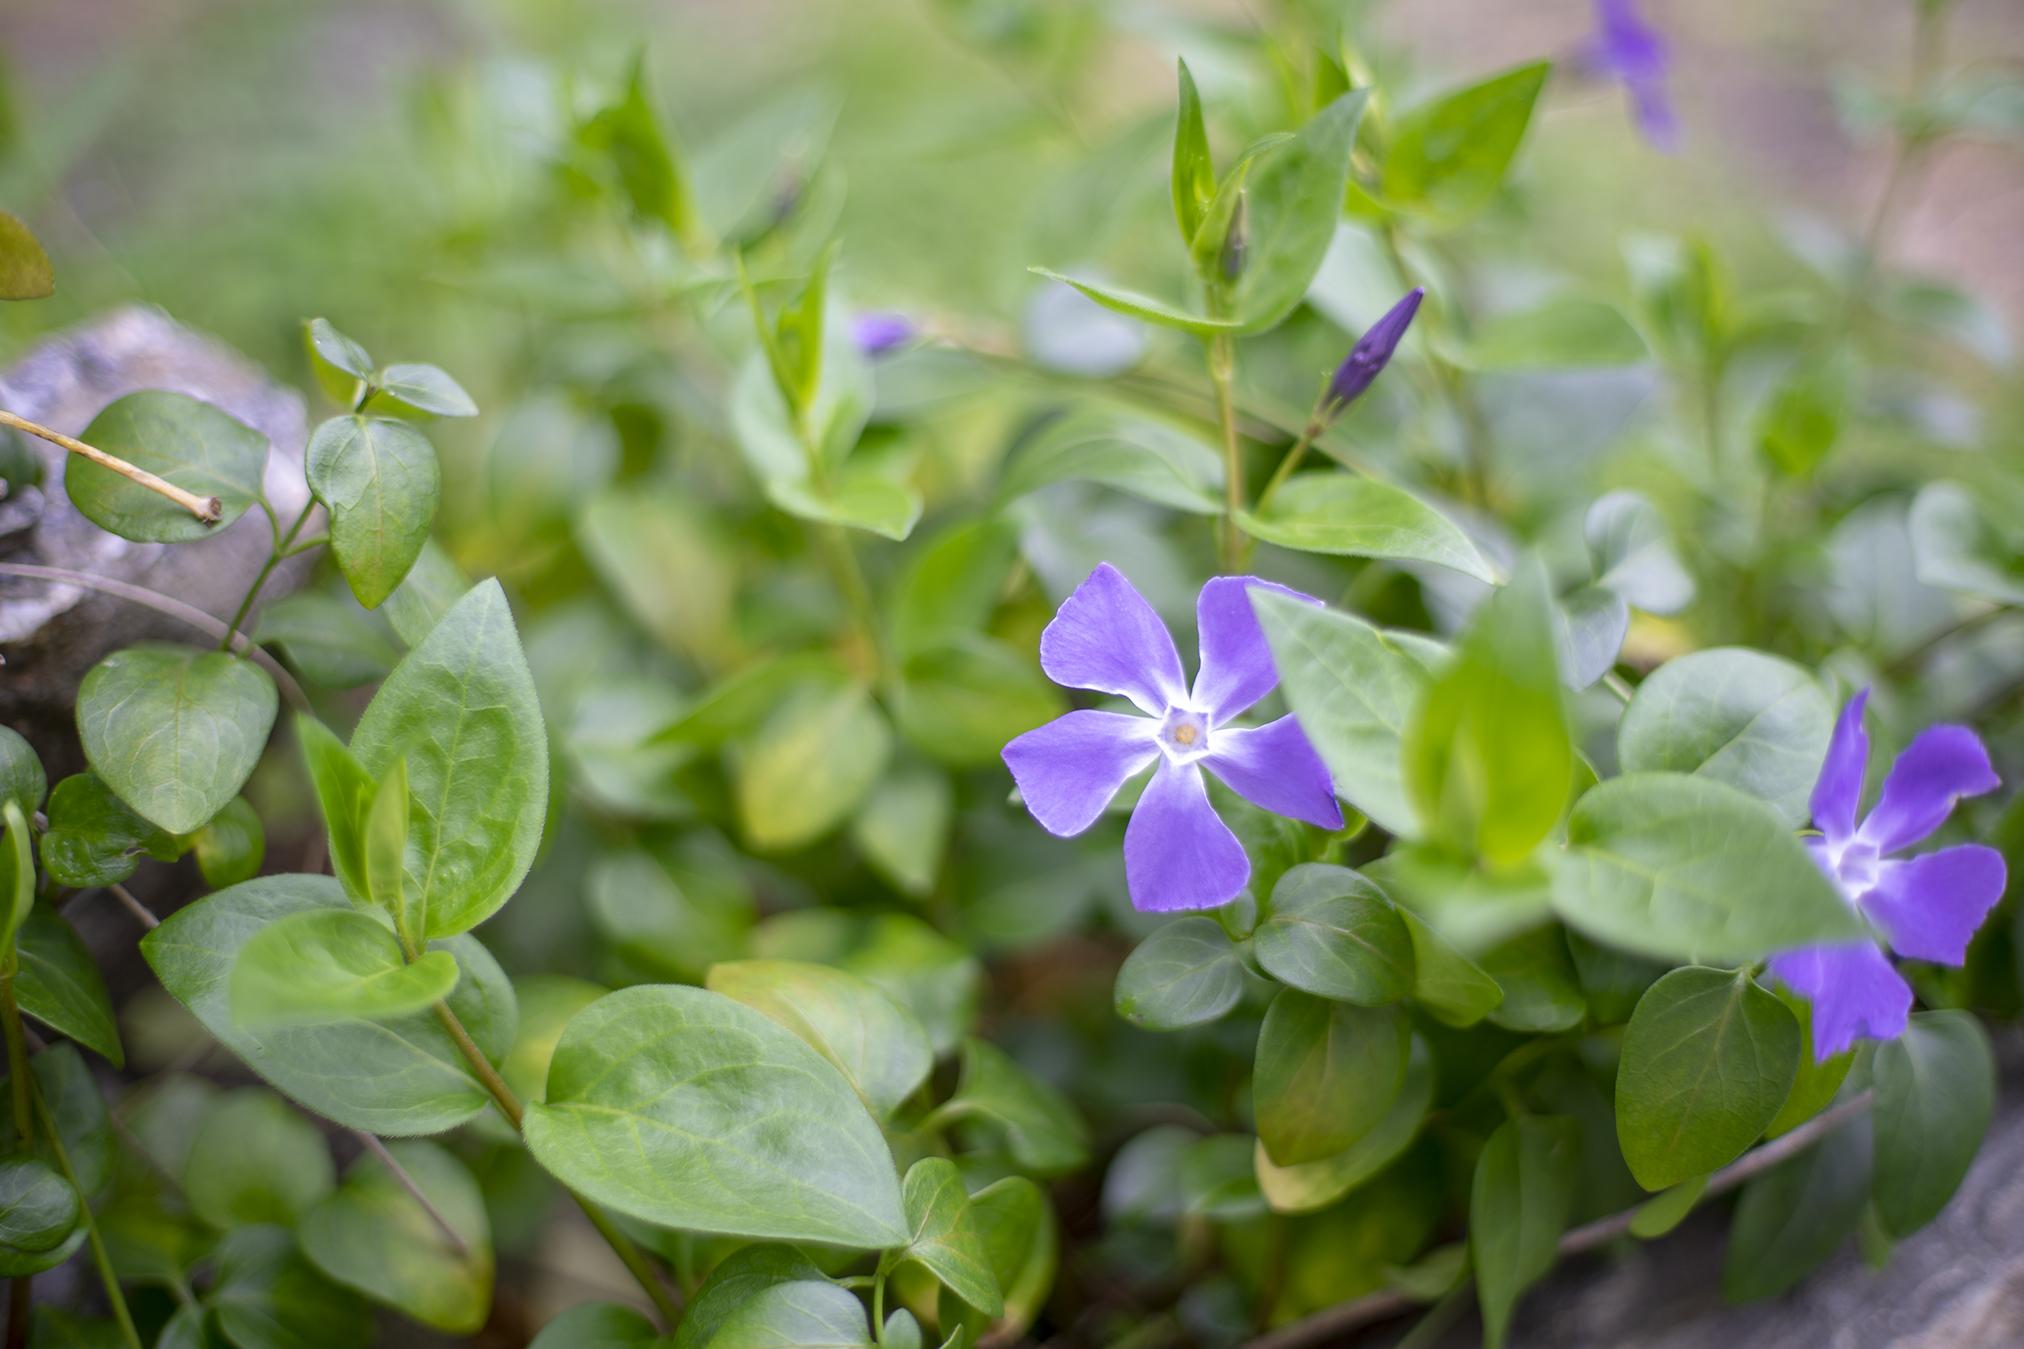 ツルニチニチソウの花言葉と誕生花